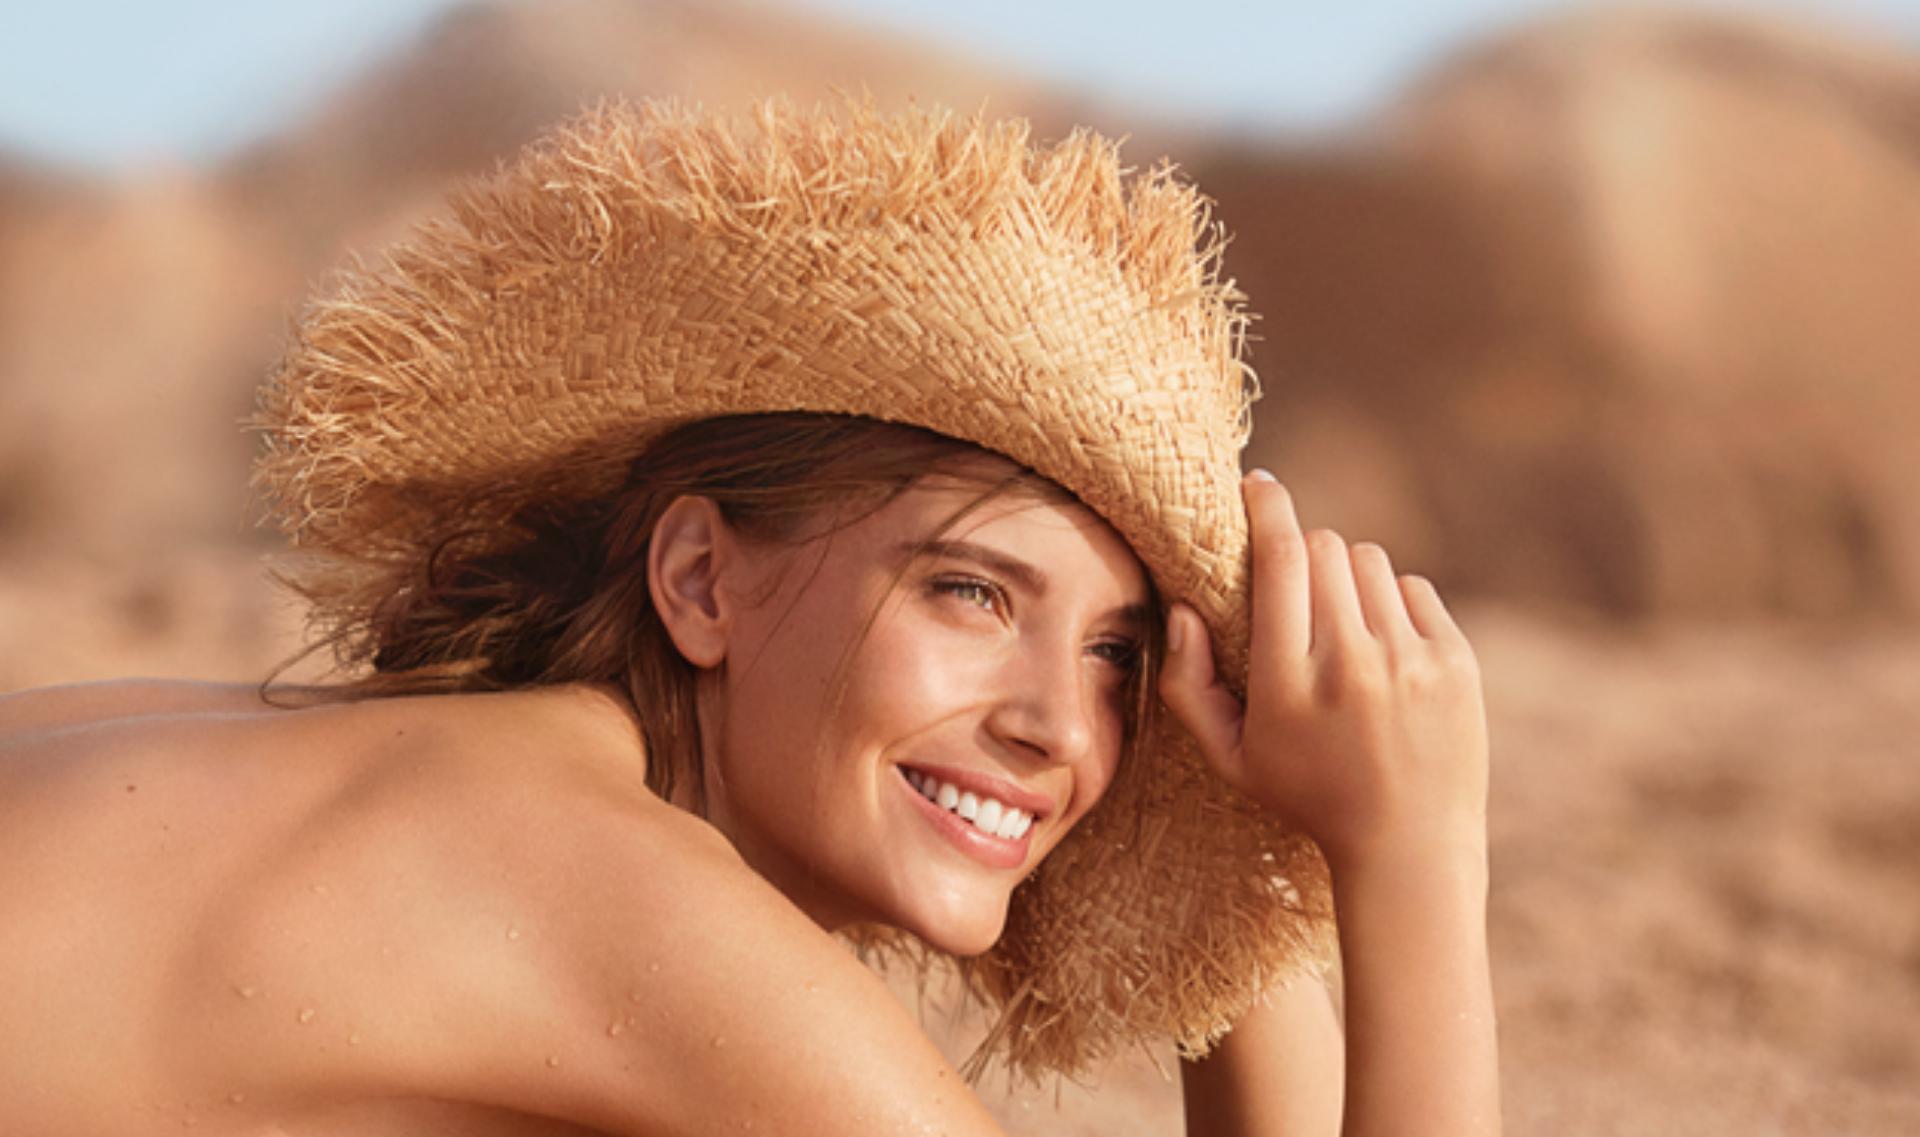 Welke zonnecrème past het best voor u om zonder zorgen van de zomer te genieten? | Apotheek Du Faux